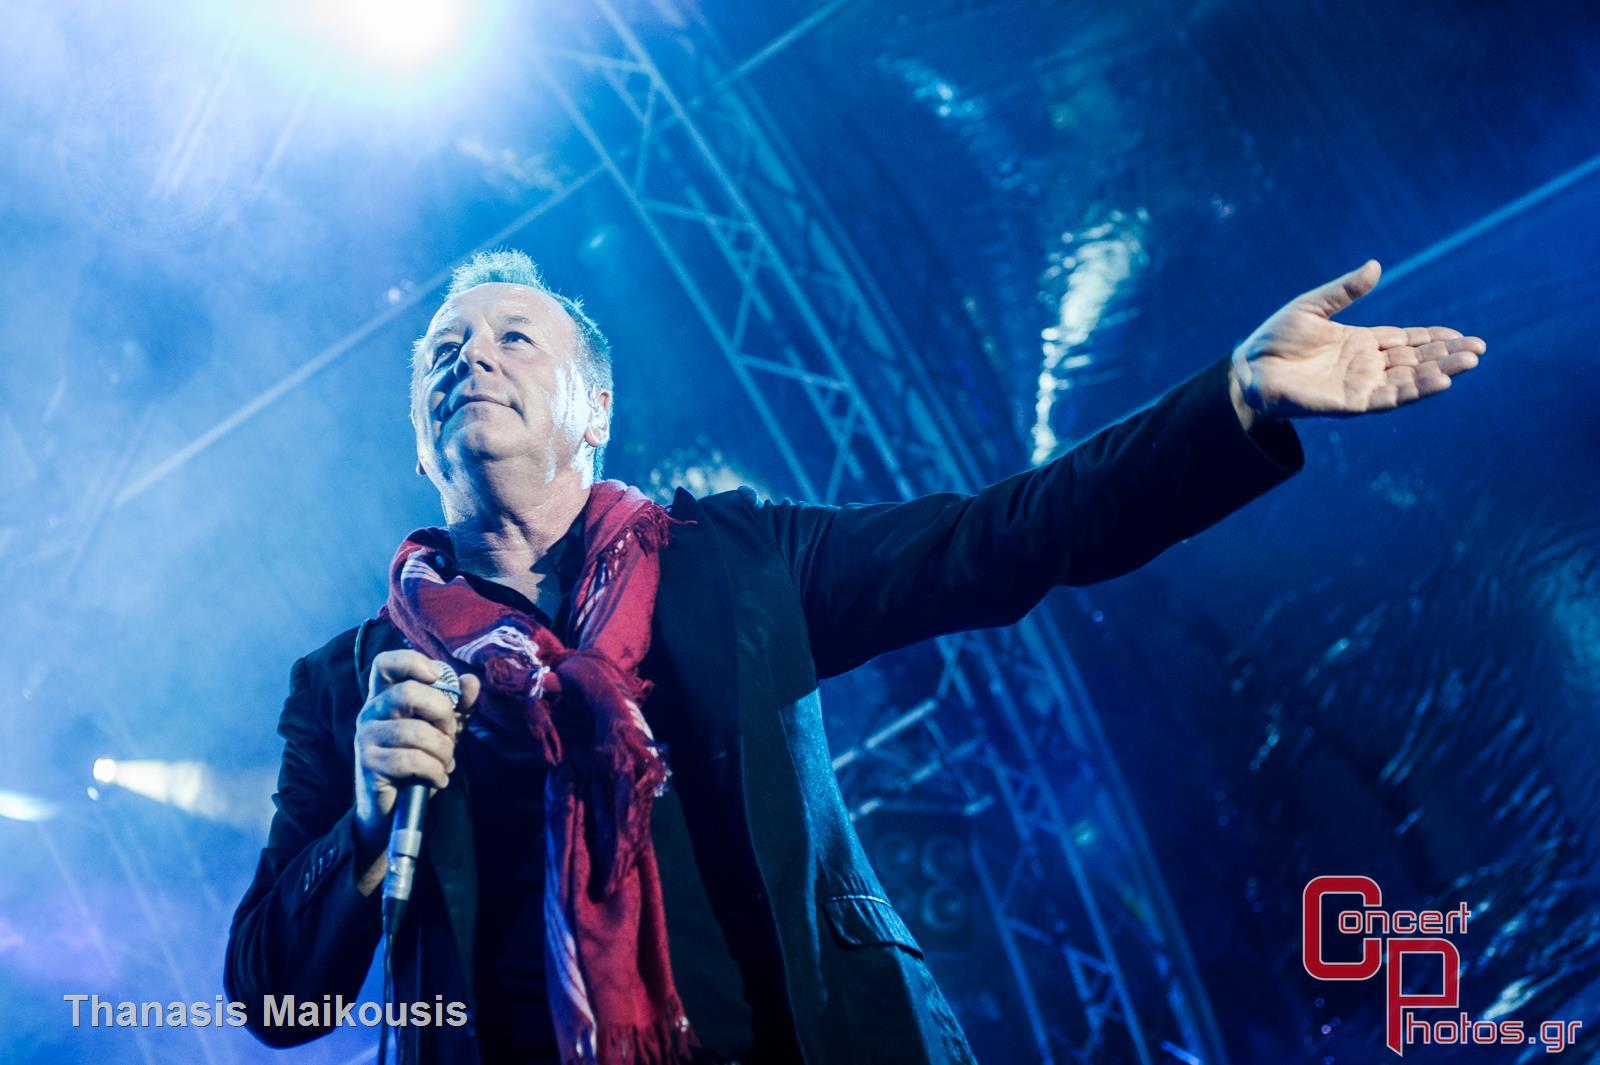 En Lefko 2014-En Lefko 2014 photographer: Thanasis Maikousis - concertphotos_20140620_22_41_33